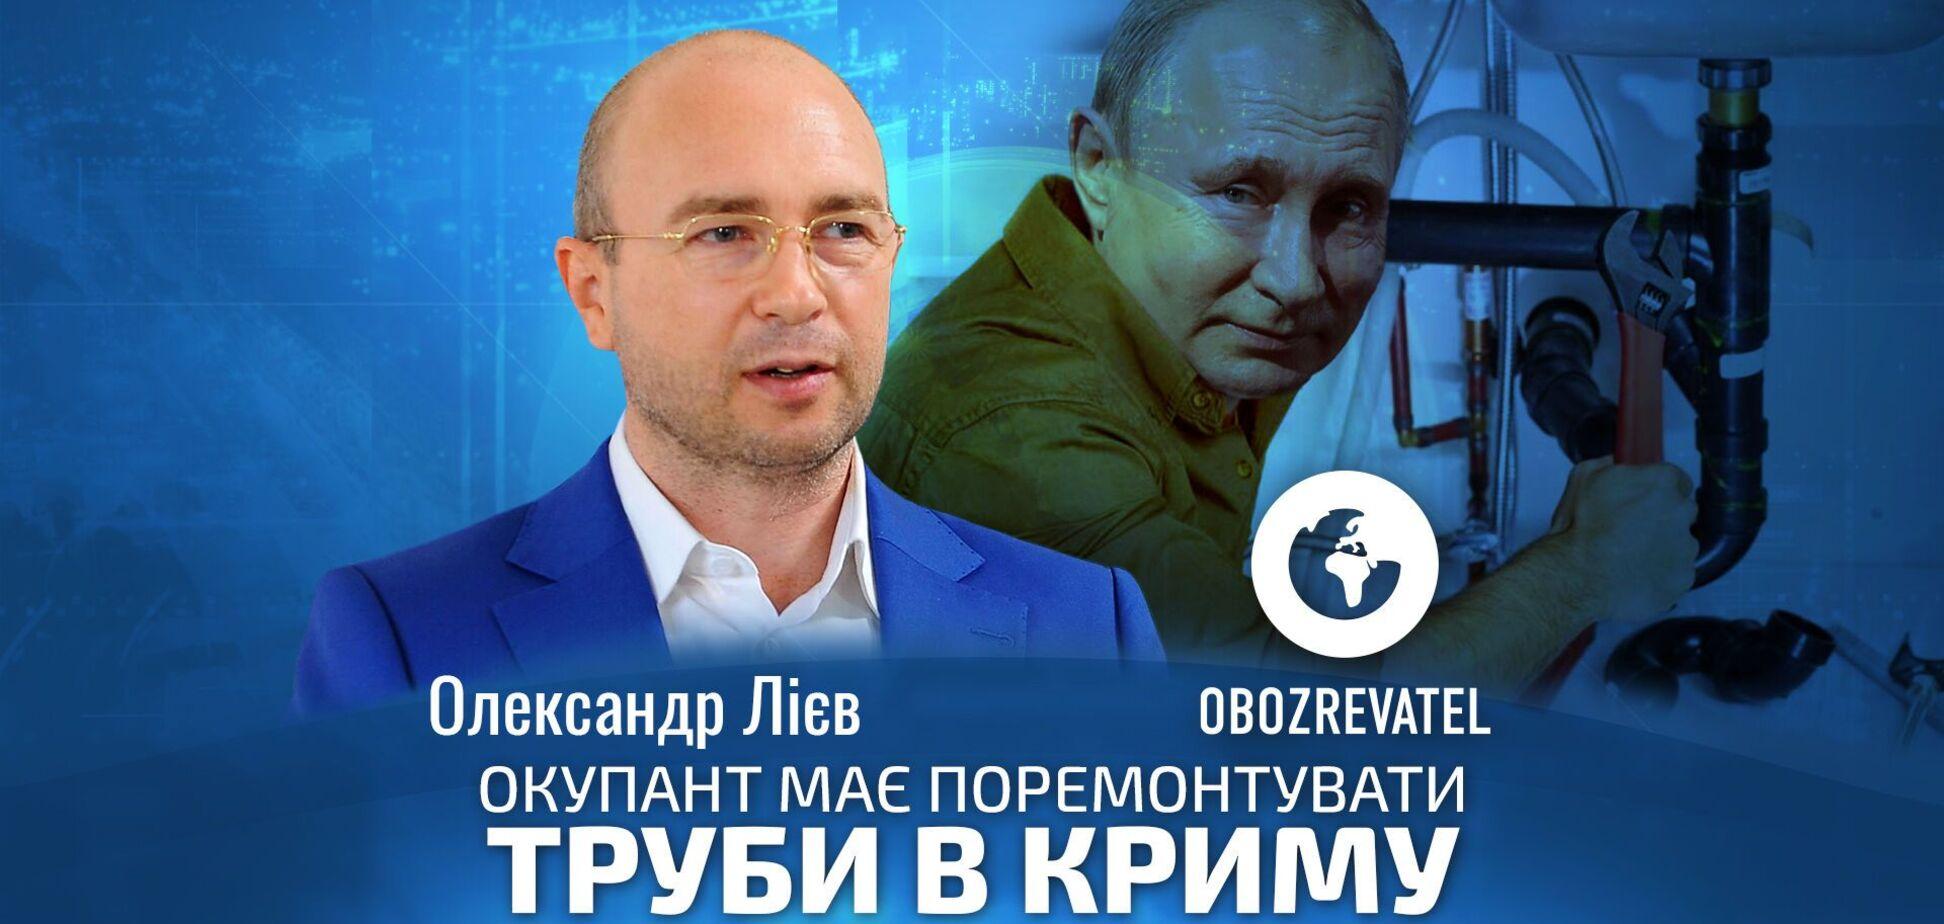 Окупанту в Криму треба ремонтувати труби, – Лієв